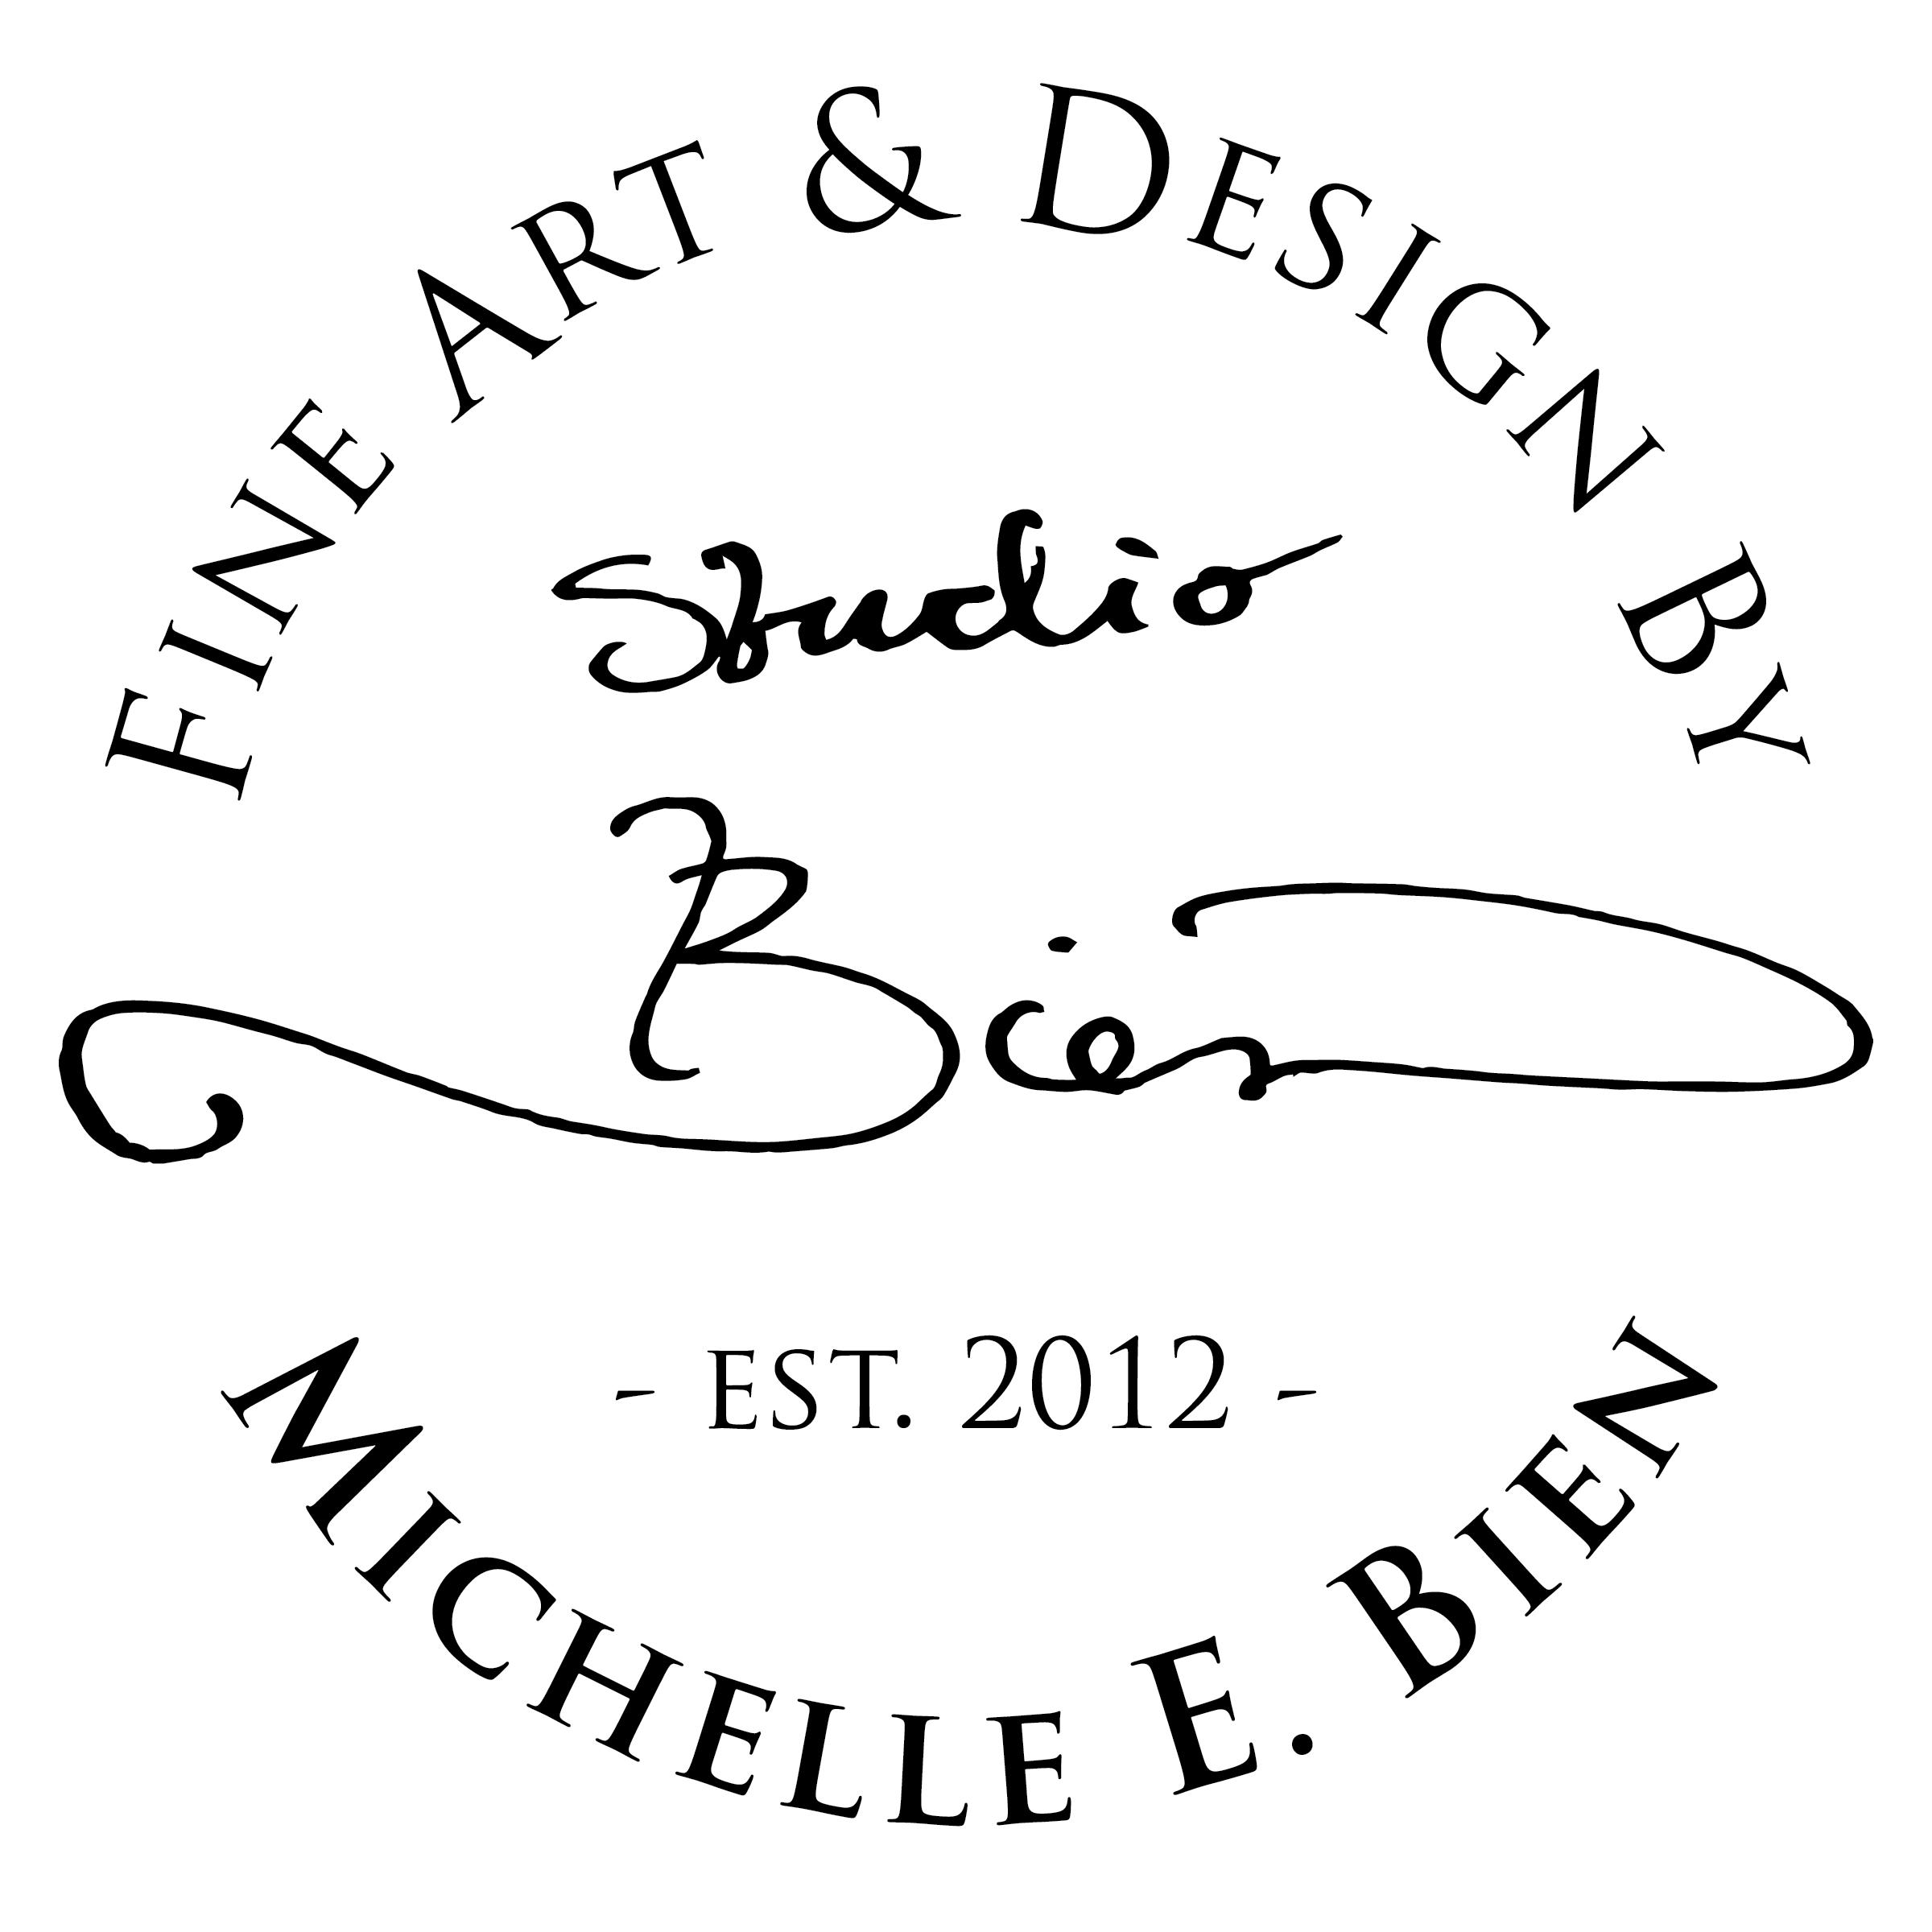 Michelle E. Bien